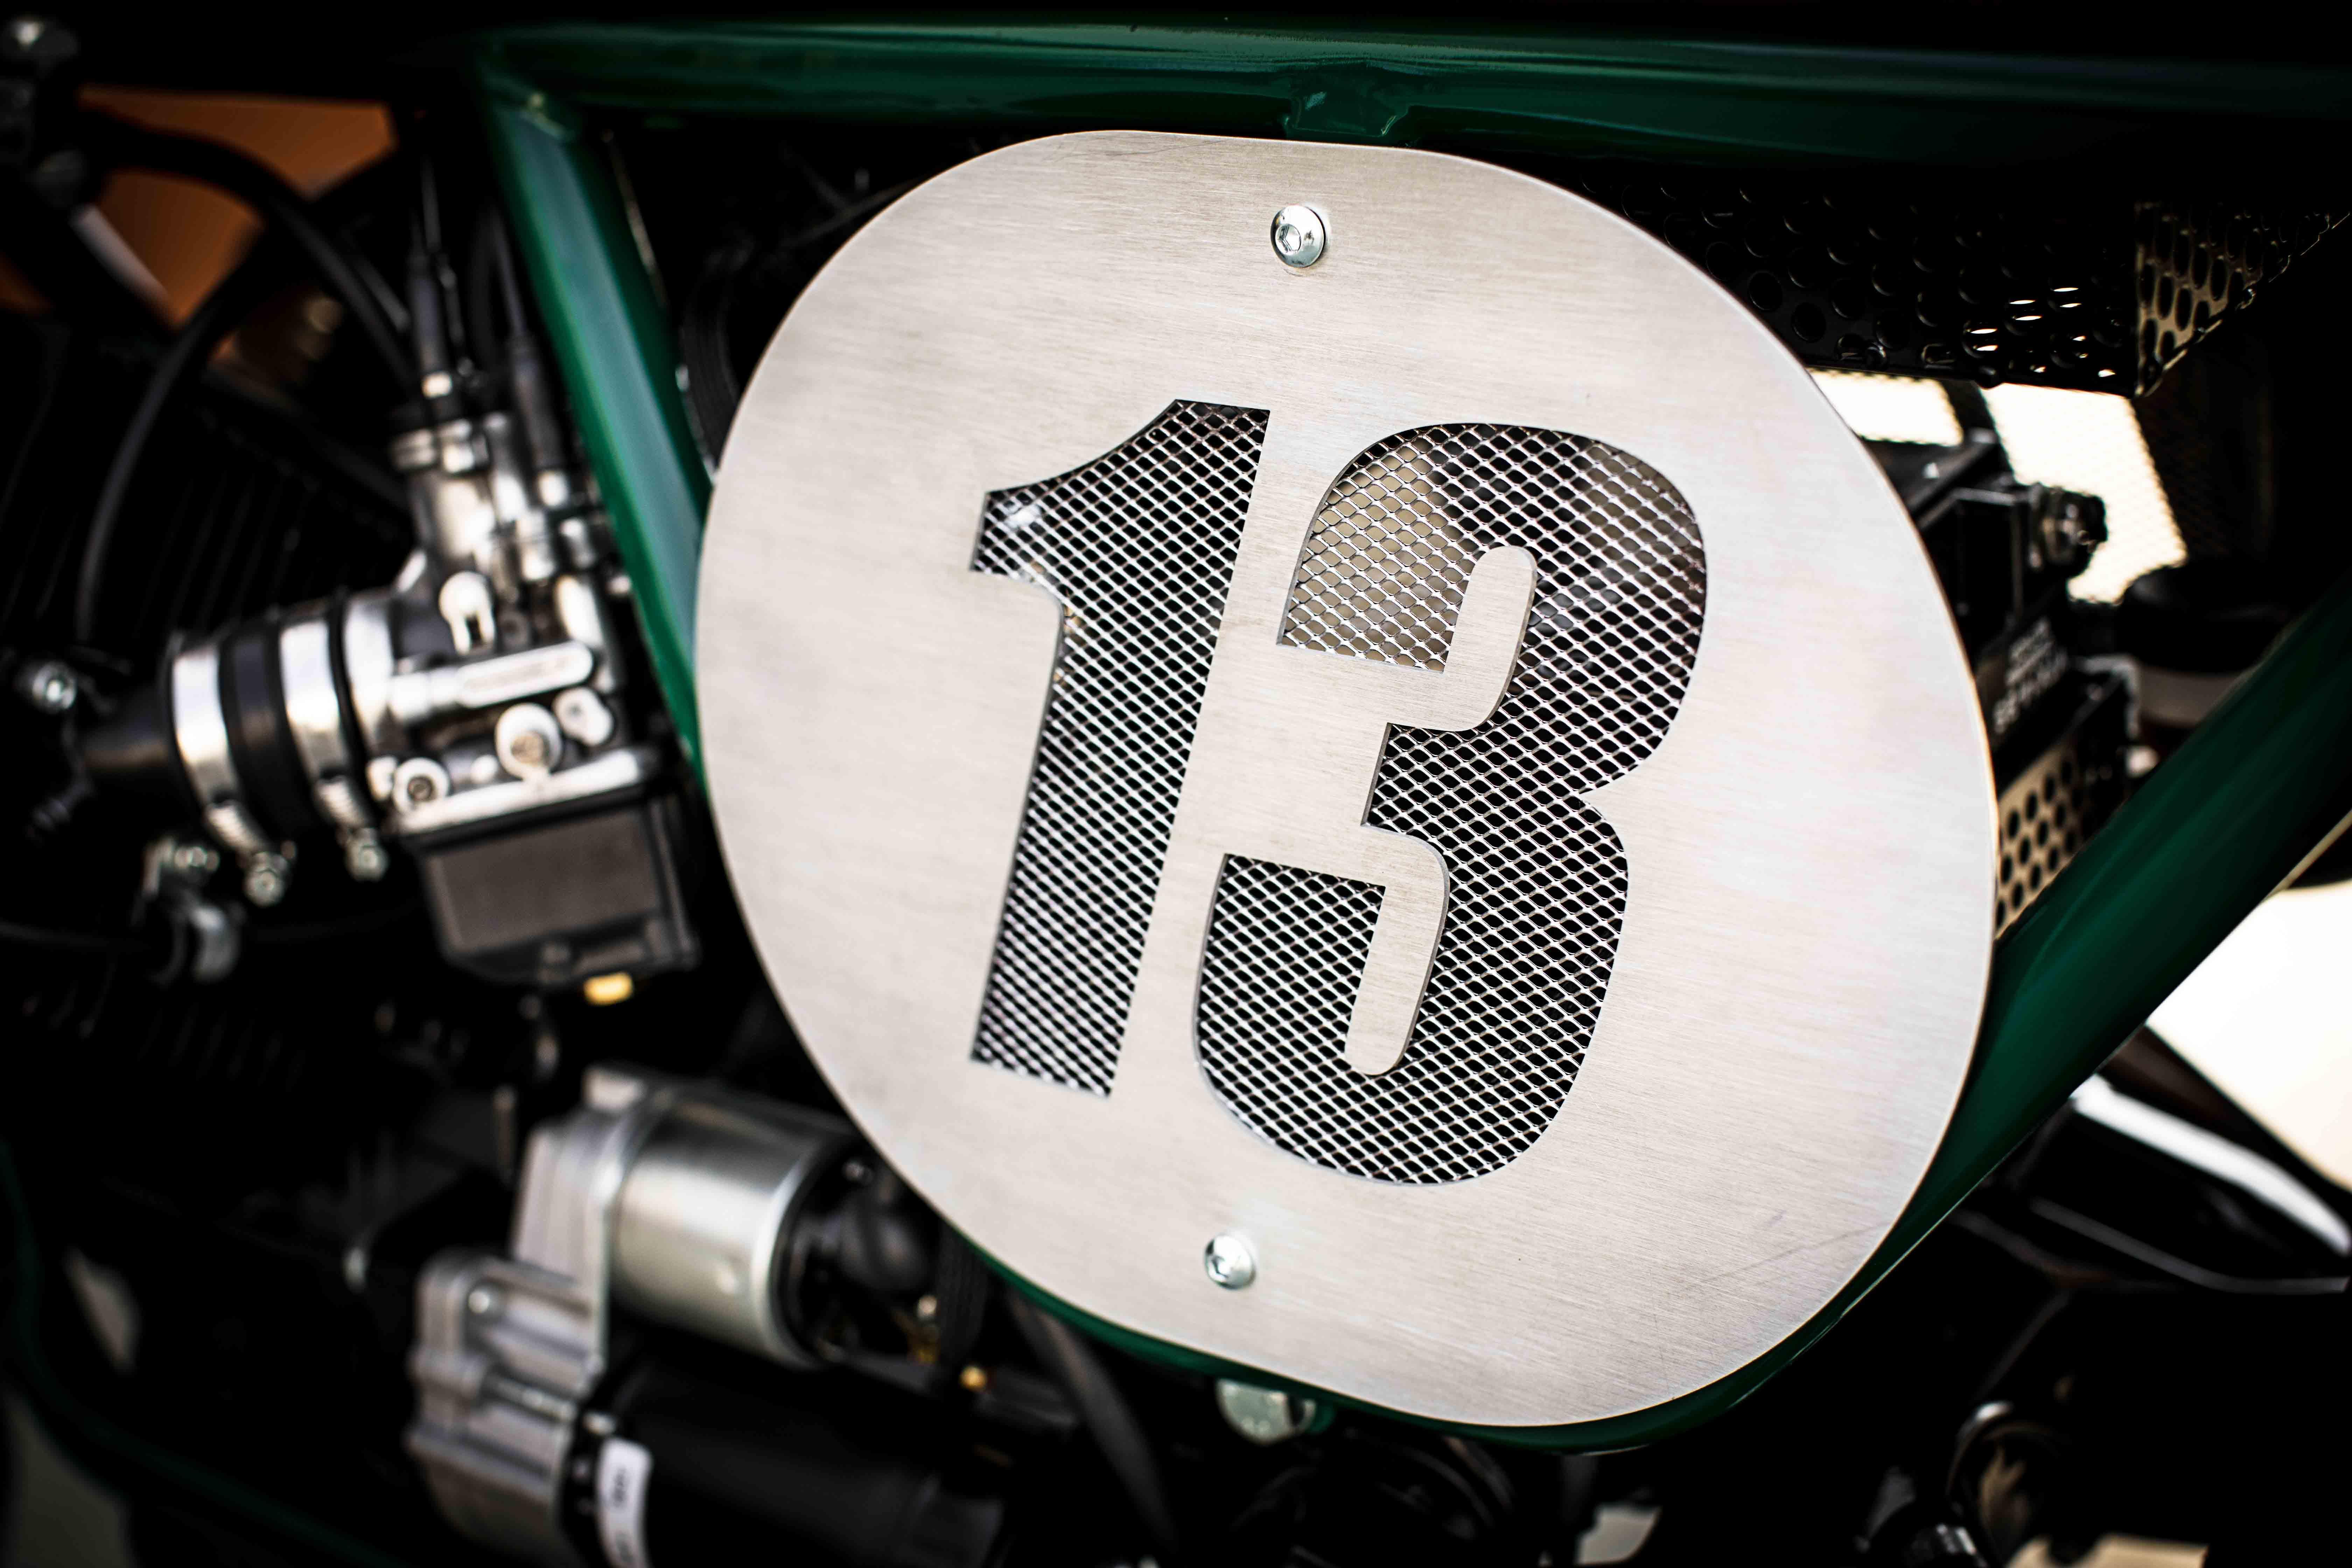 Bombay-13-Moto-Guzzi-Rust-and-Glory-15